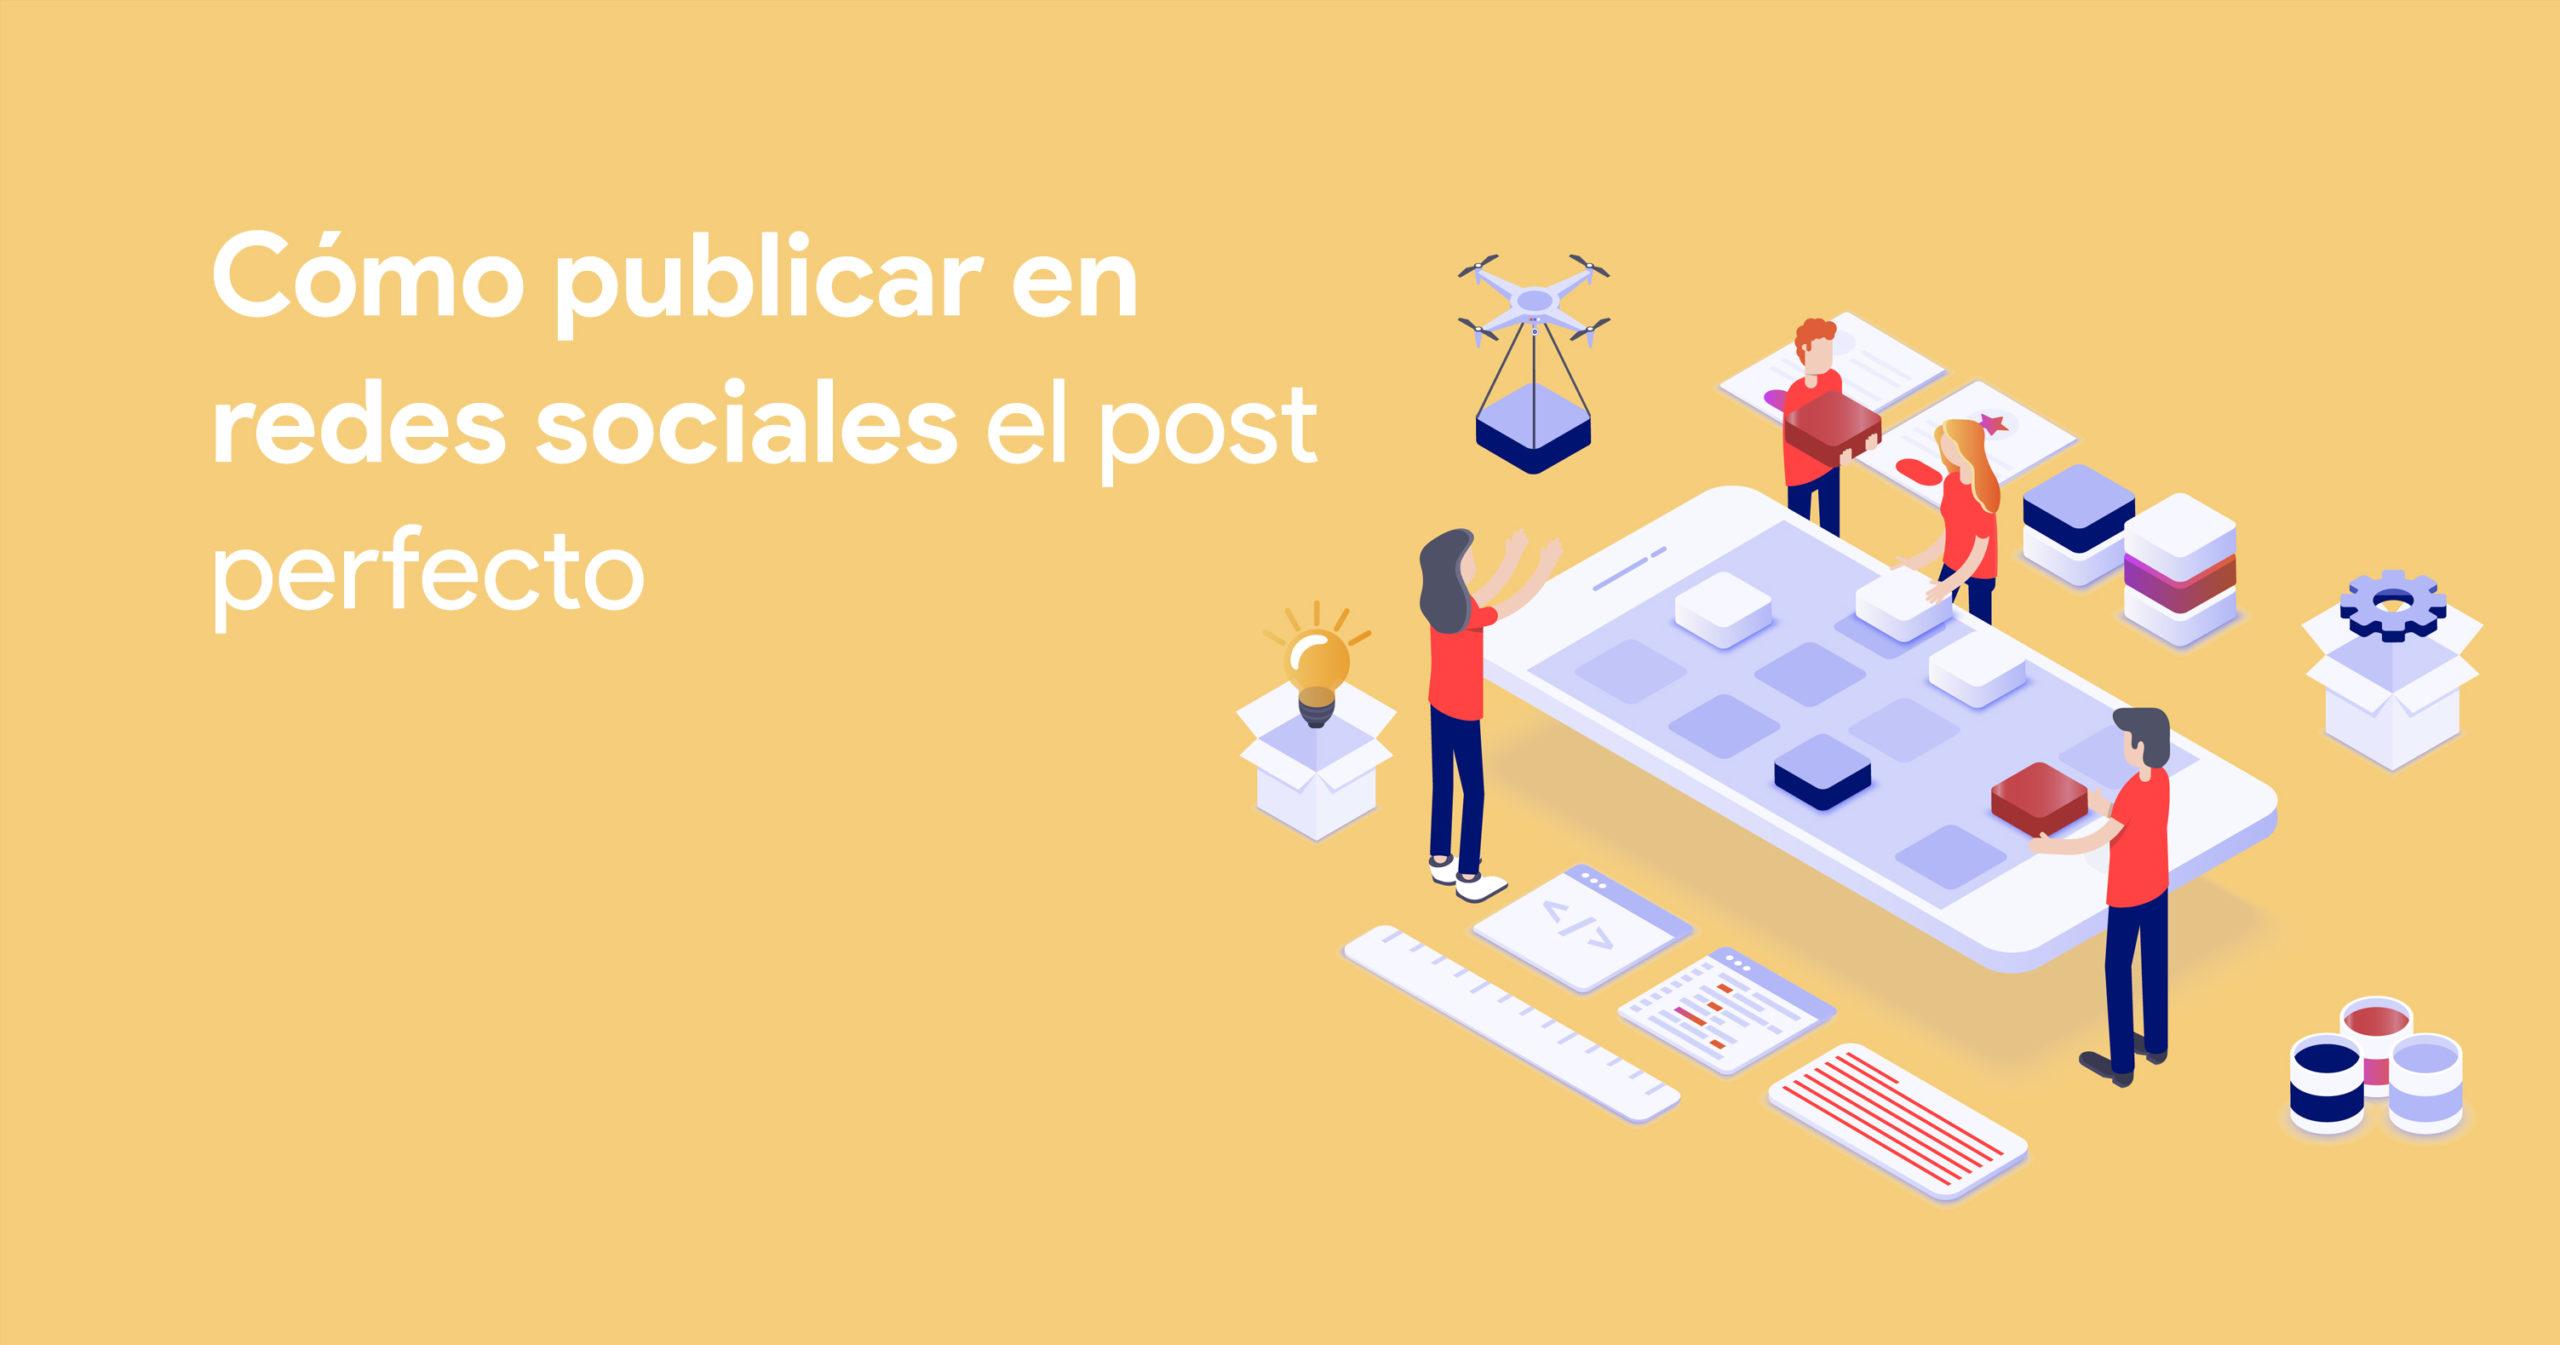 Cómo publicar en redes sociales el post perfecto